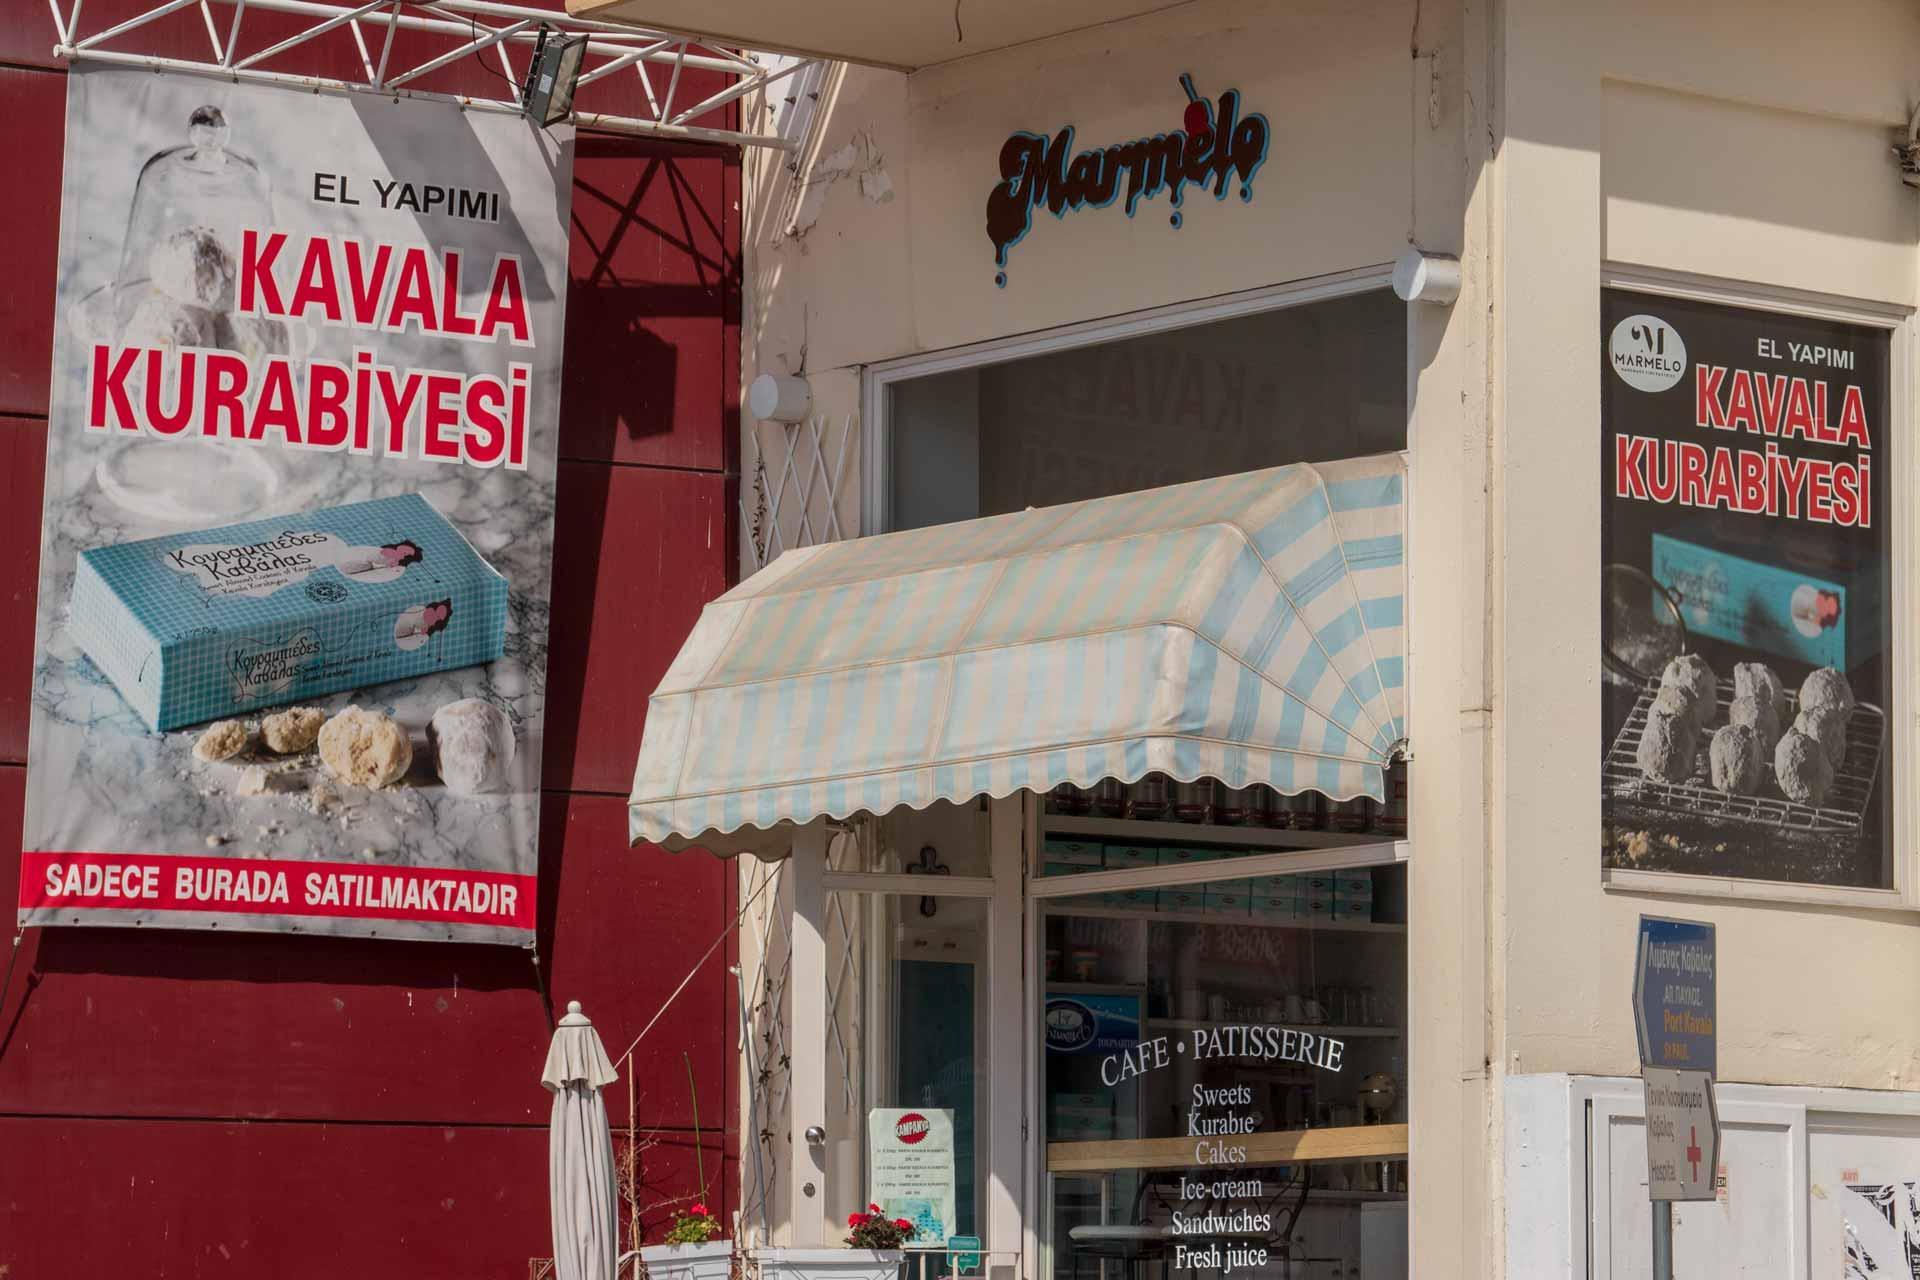 Kavala Gezilecek Yerler Yunanistan Gezi Gezi Rehberi Kavala Fotoğrafları Kavala Resimleri Çekergezer Hakan Aydın Fotoğrafları Gezgin Fotoğrafçı